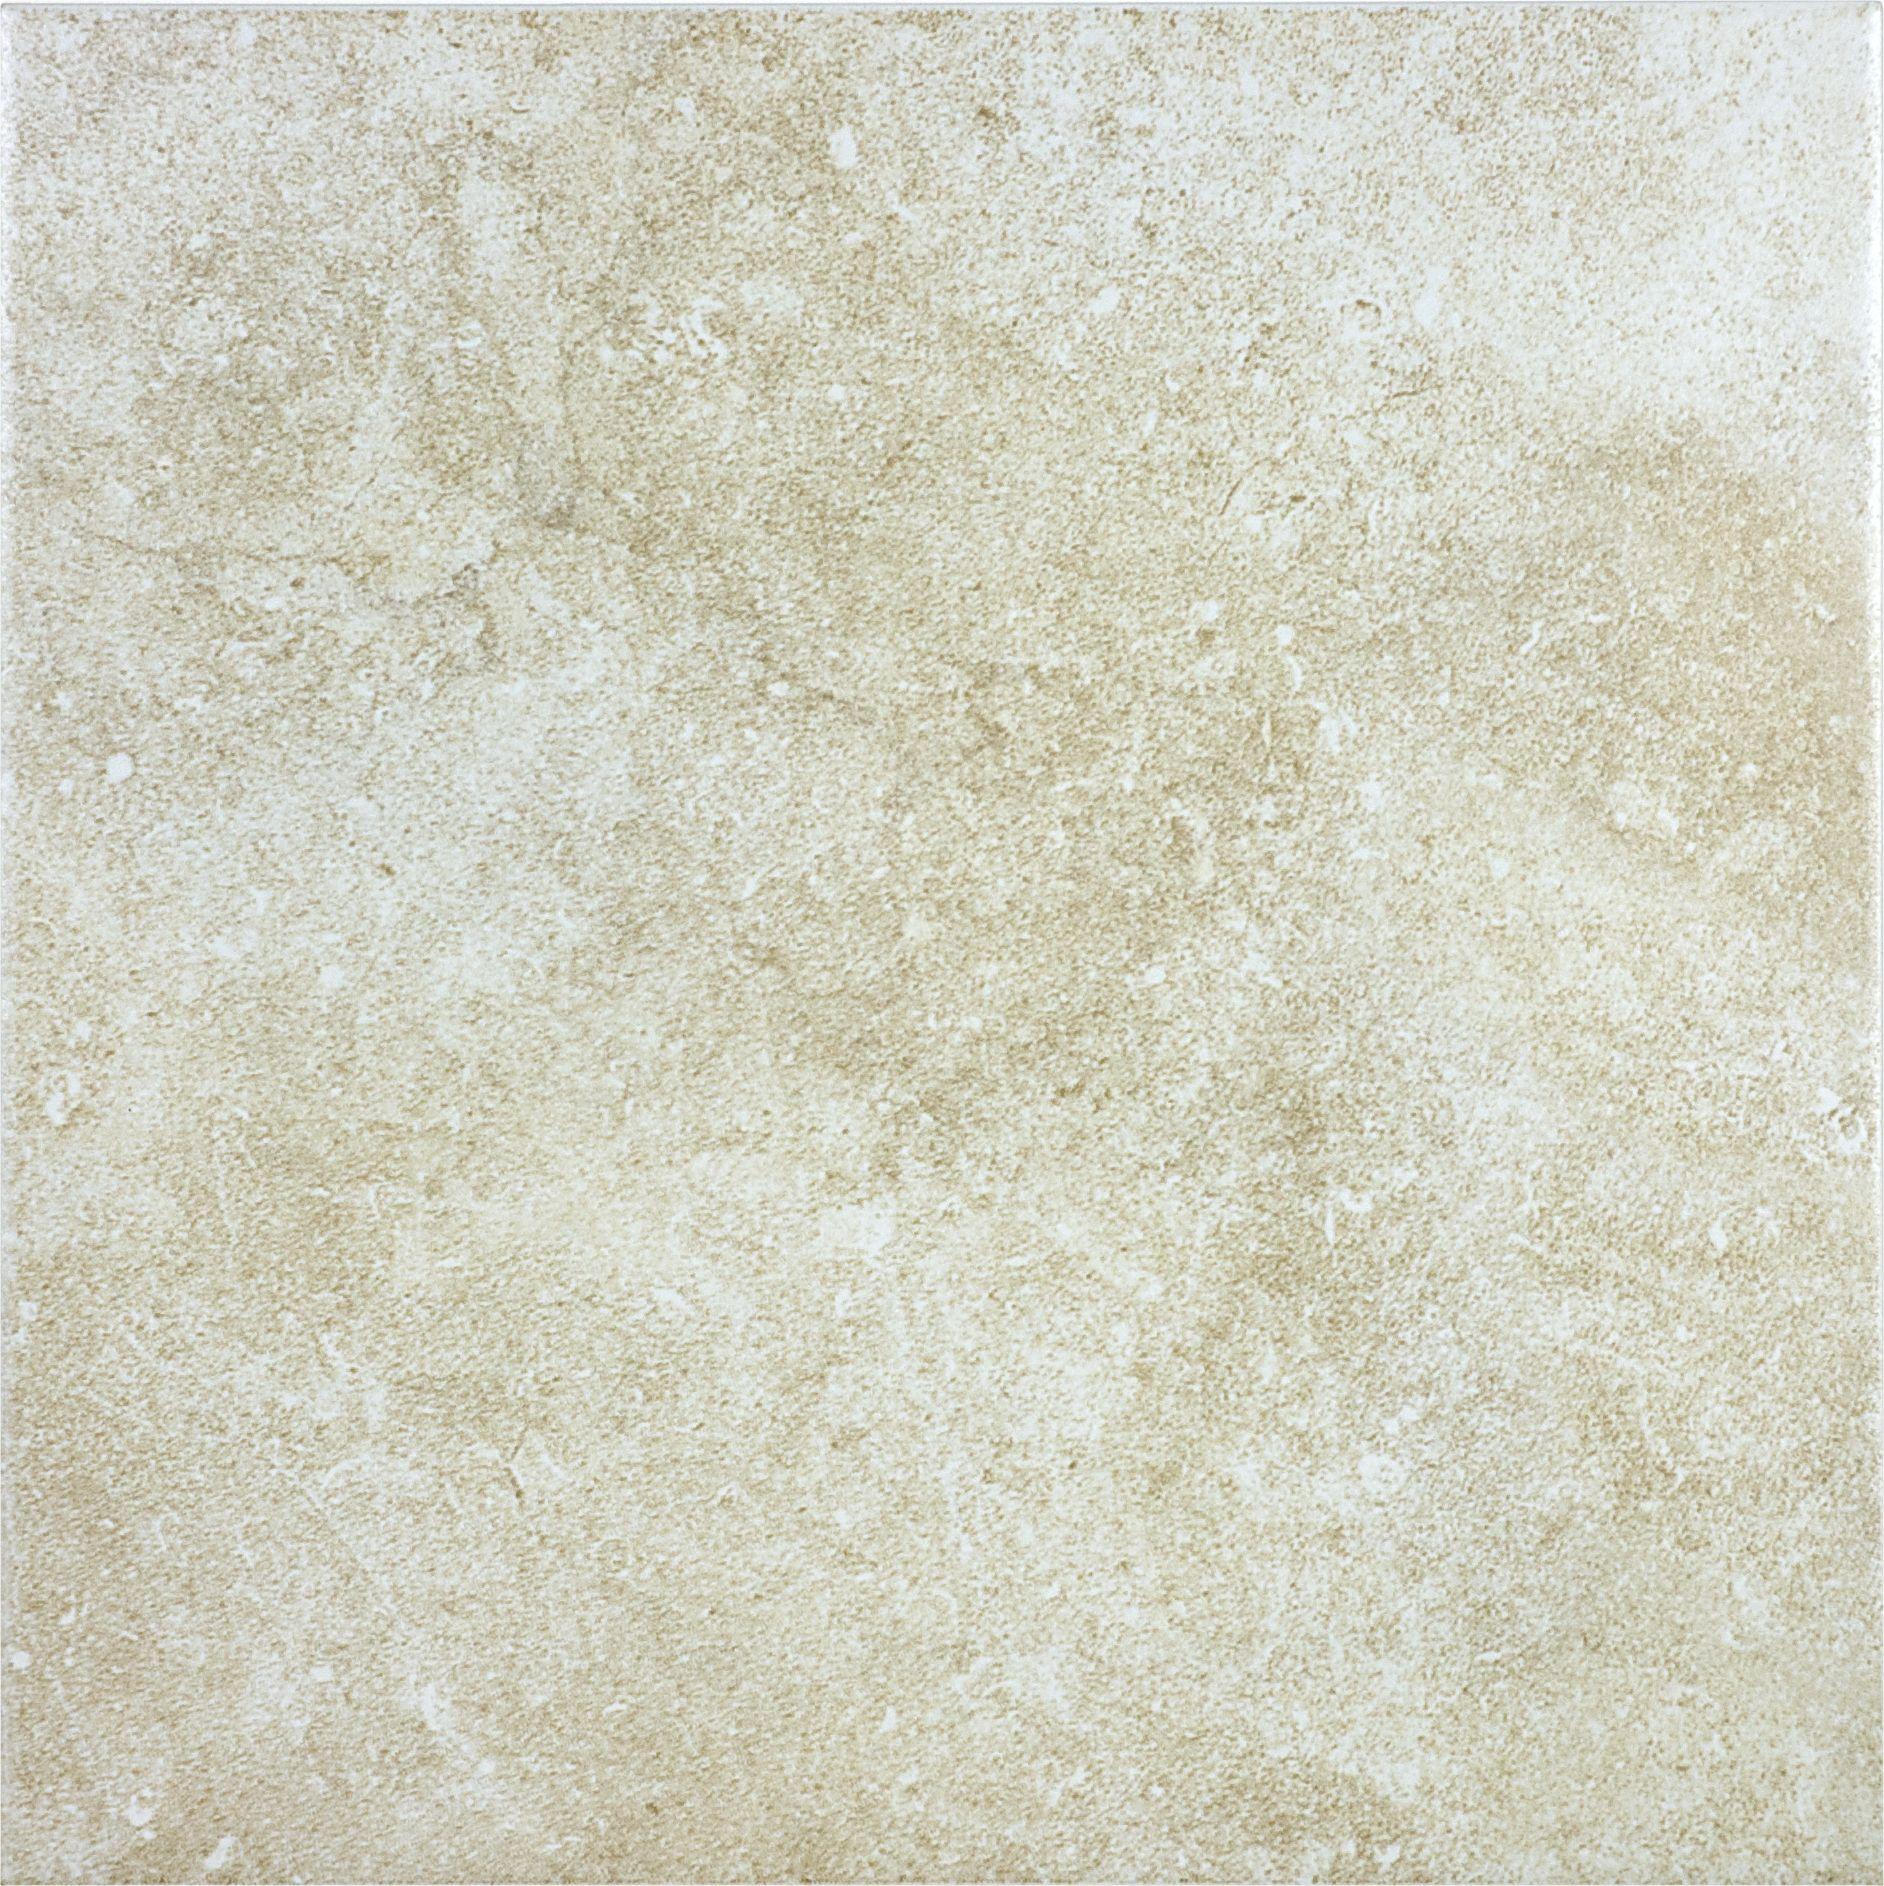 clearance porcelain floor tiles on pinterest porcelain tiles por. Black Bedroom Furniture Sets. Home Design Ideas